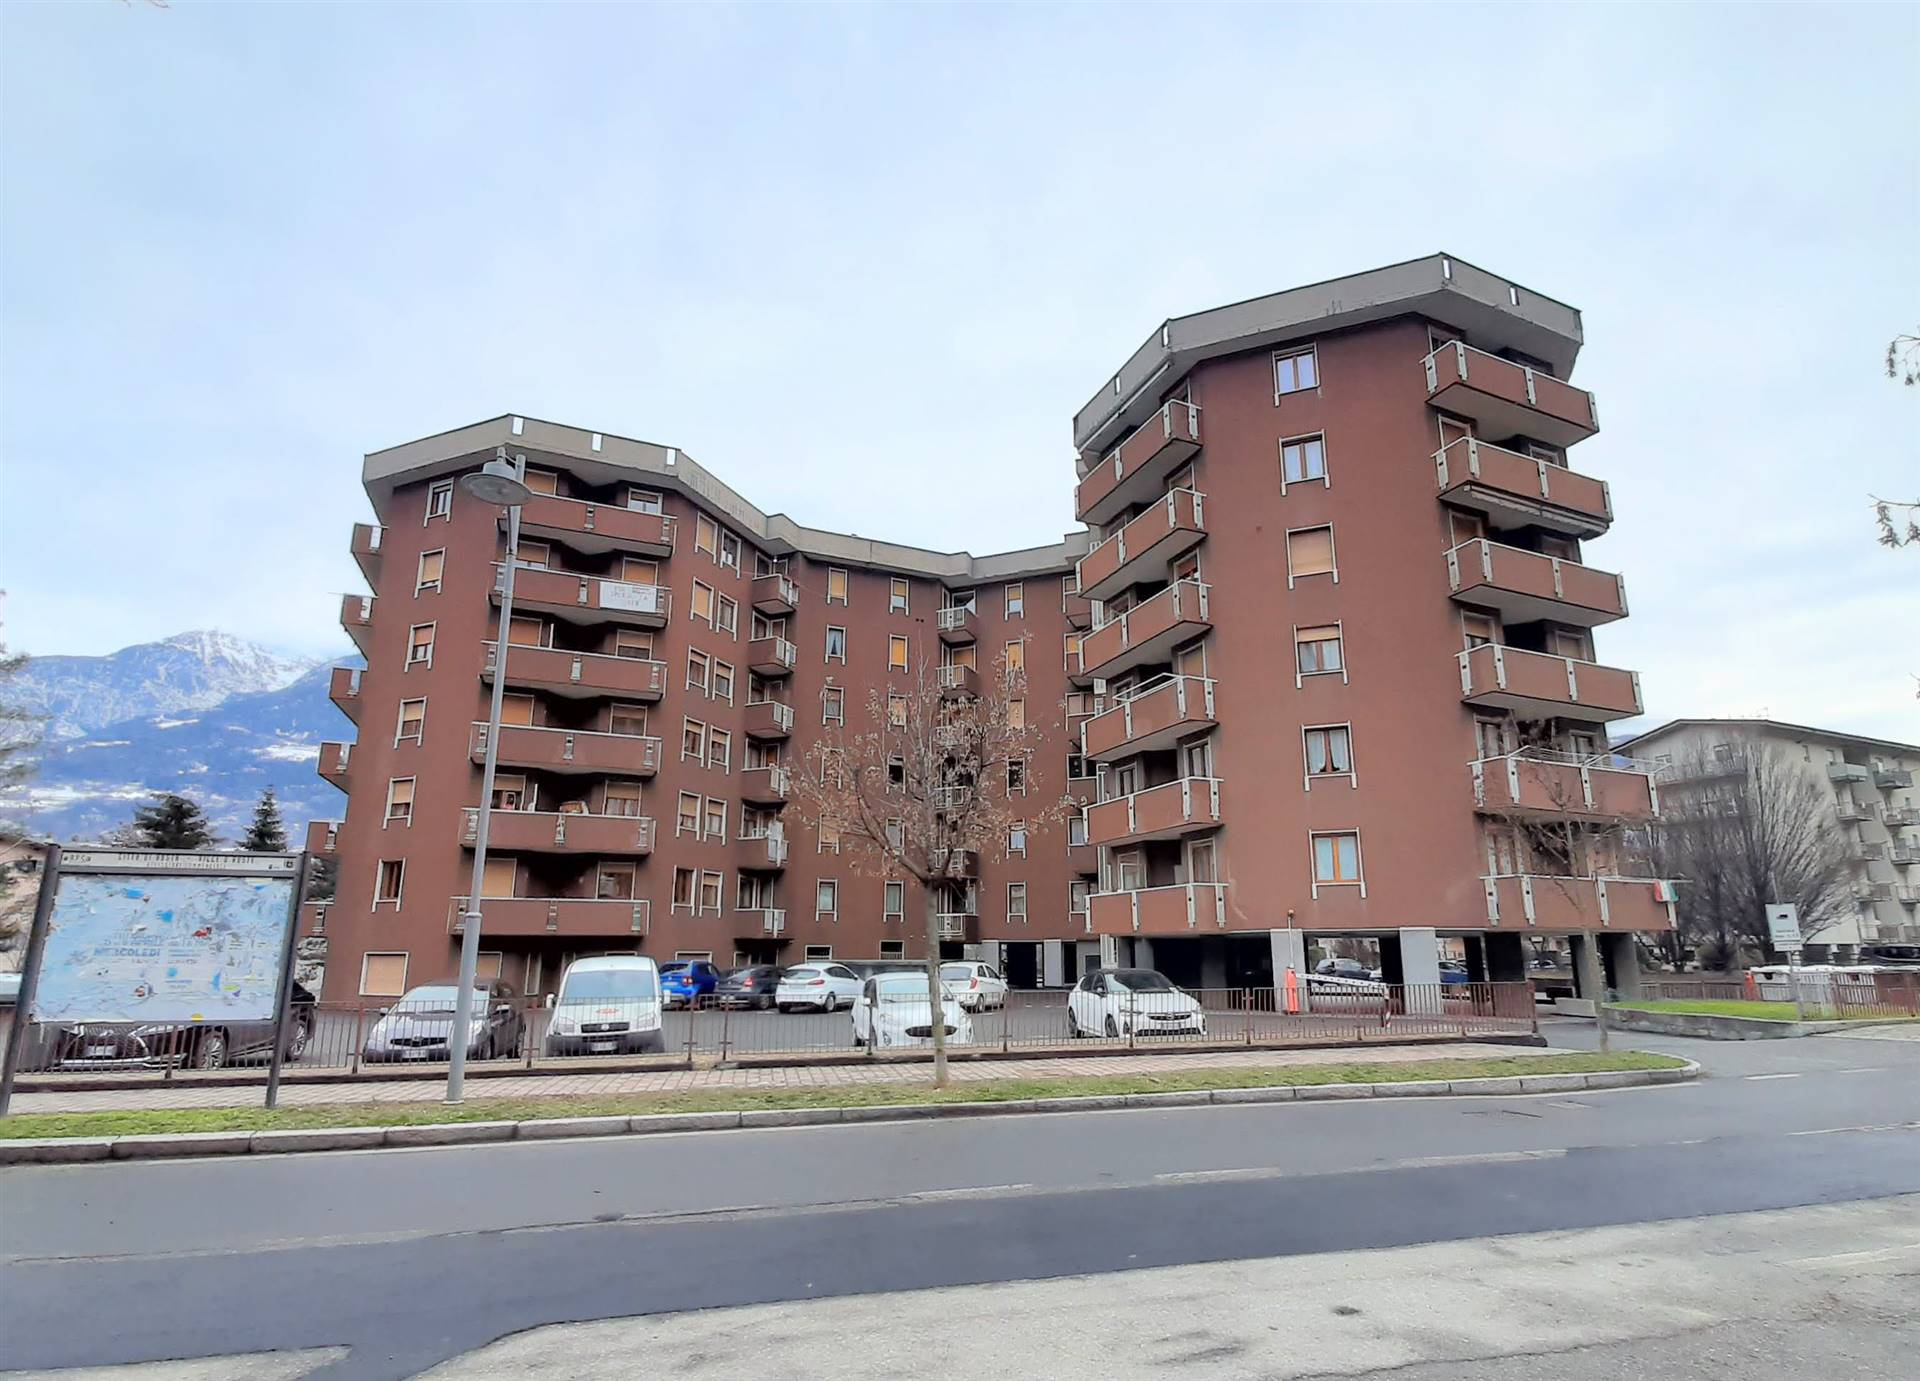 Appartamento in affitto a Aosta, 2 locali, zona ro, prezzo € 480 | PortaleAgenzieImmobiliari.it